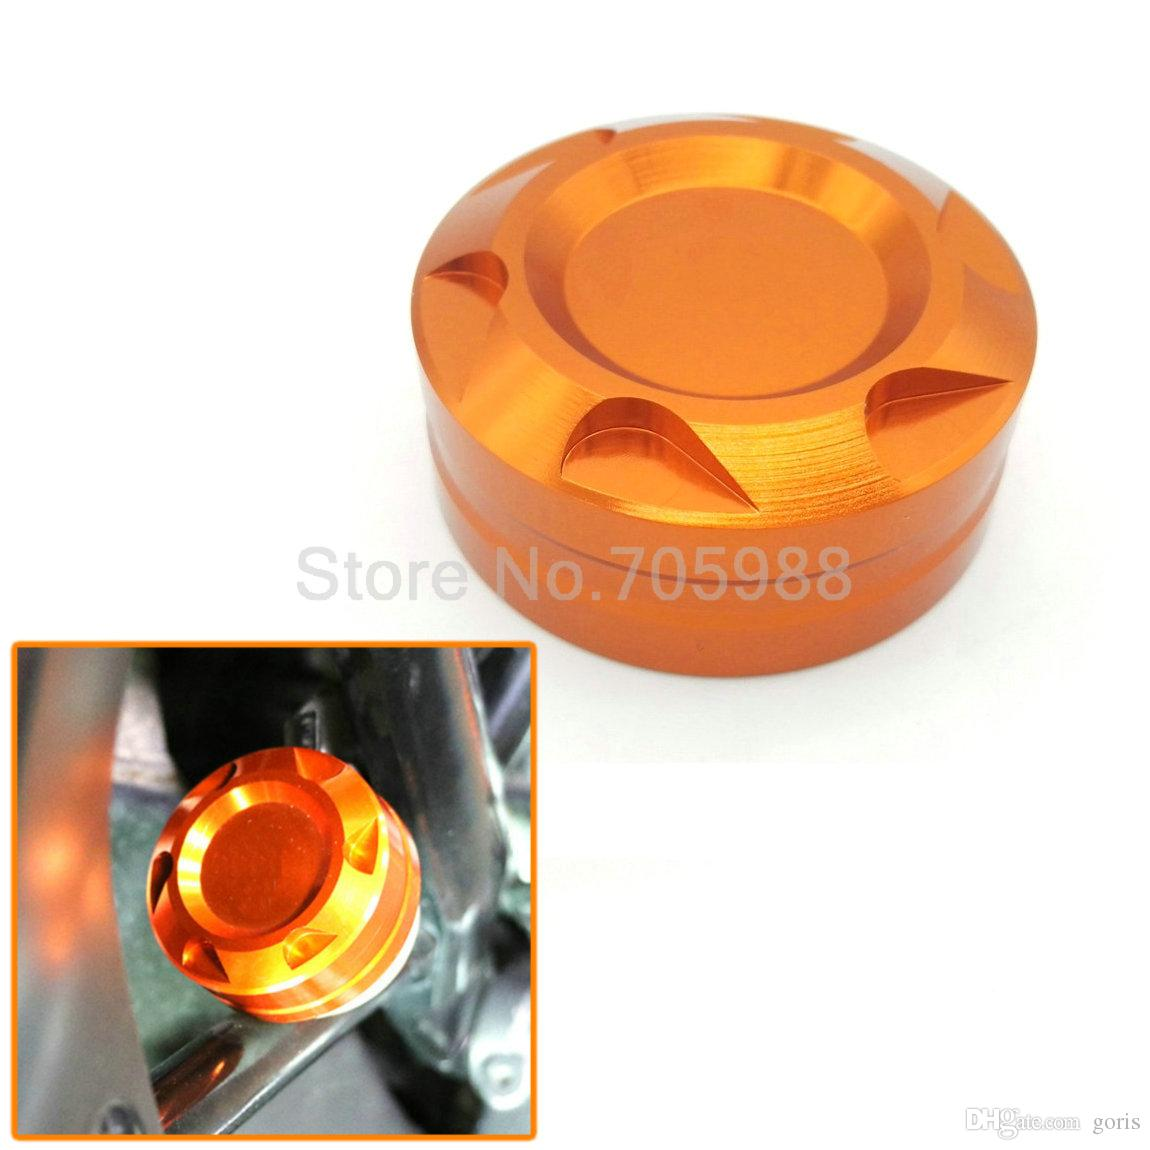 100% Aluminum CNC Motorcycle Engine Rear Fluid Reservoir Cap Cover for KTM 125 200 390